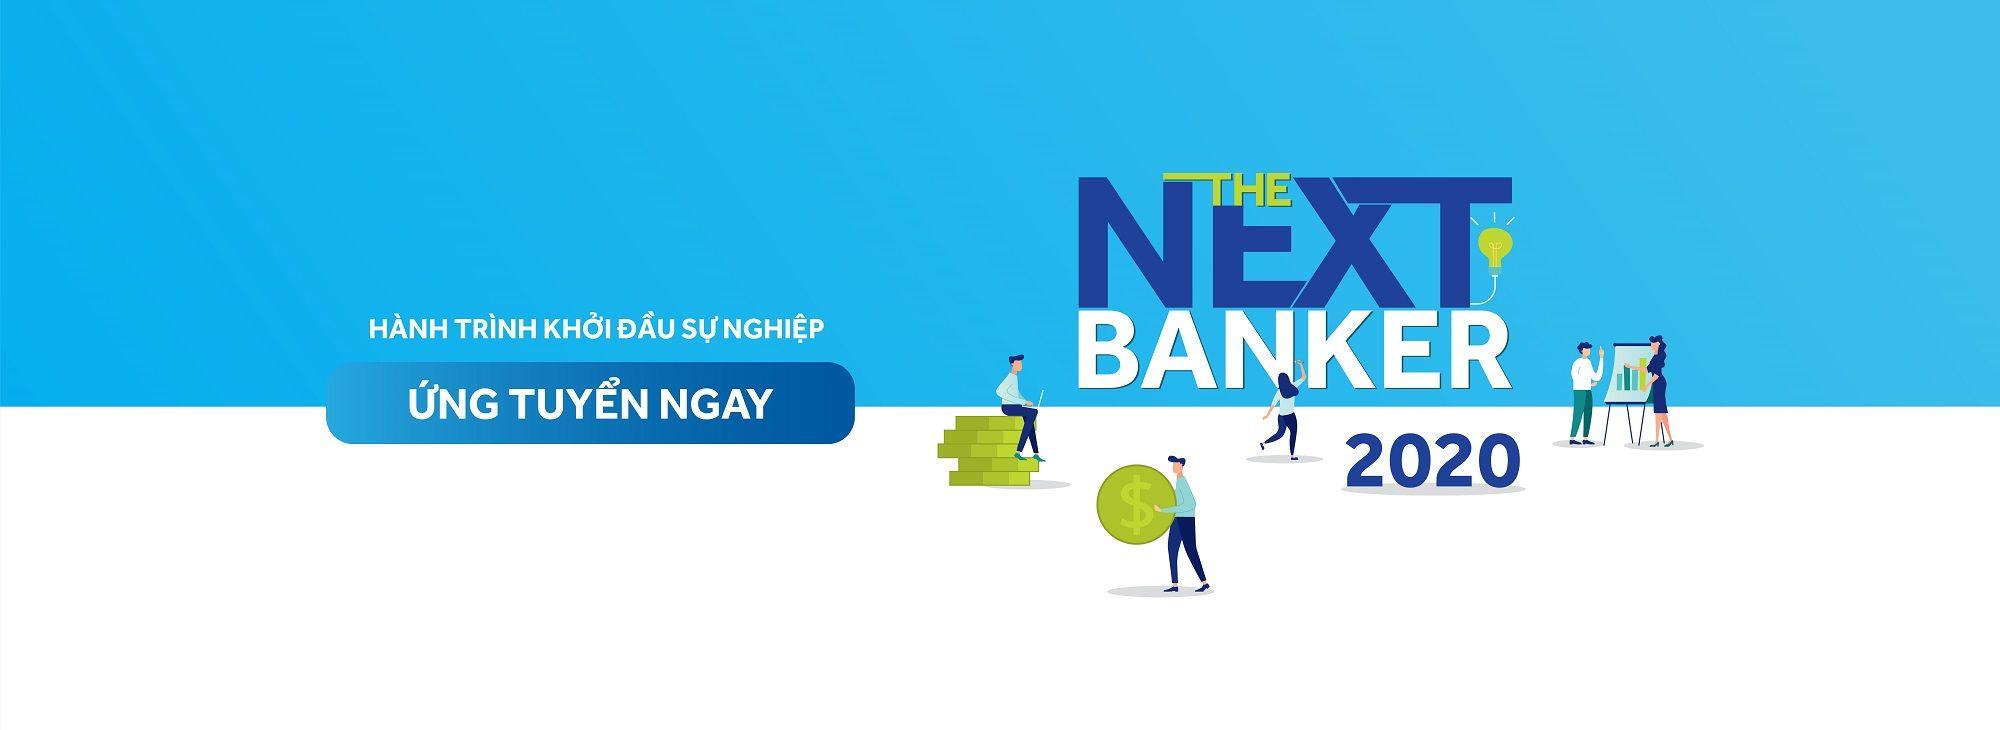 The Next Banker 2020 - Hành trình khởi đầu sự nghiệp (Đợt 2)